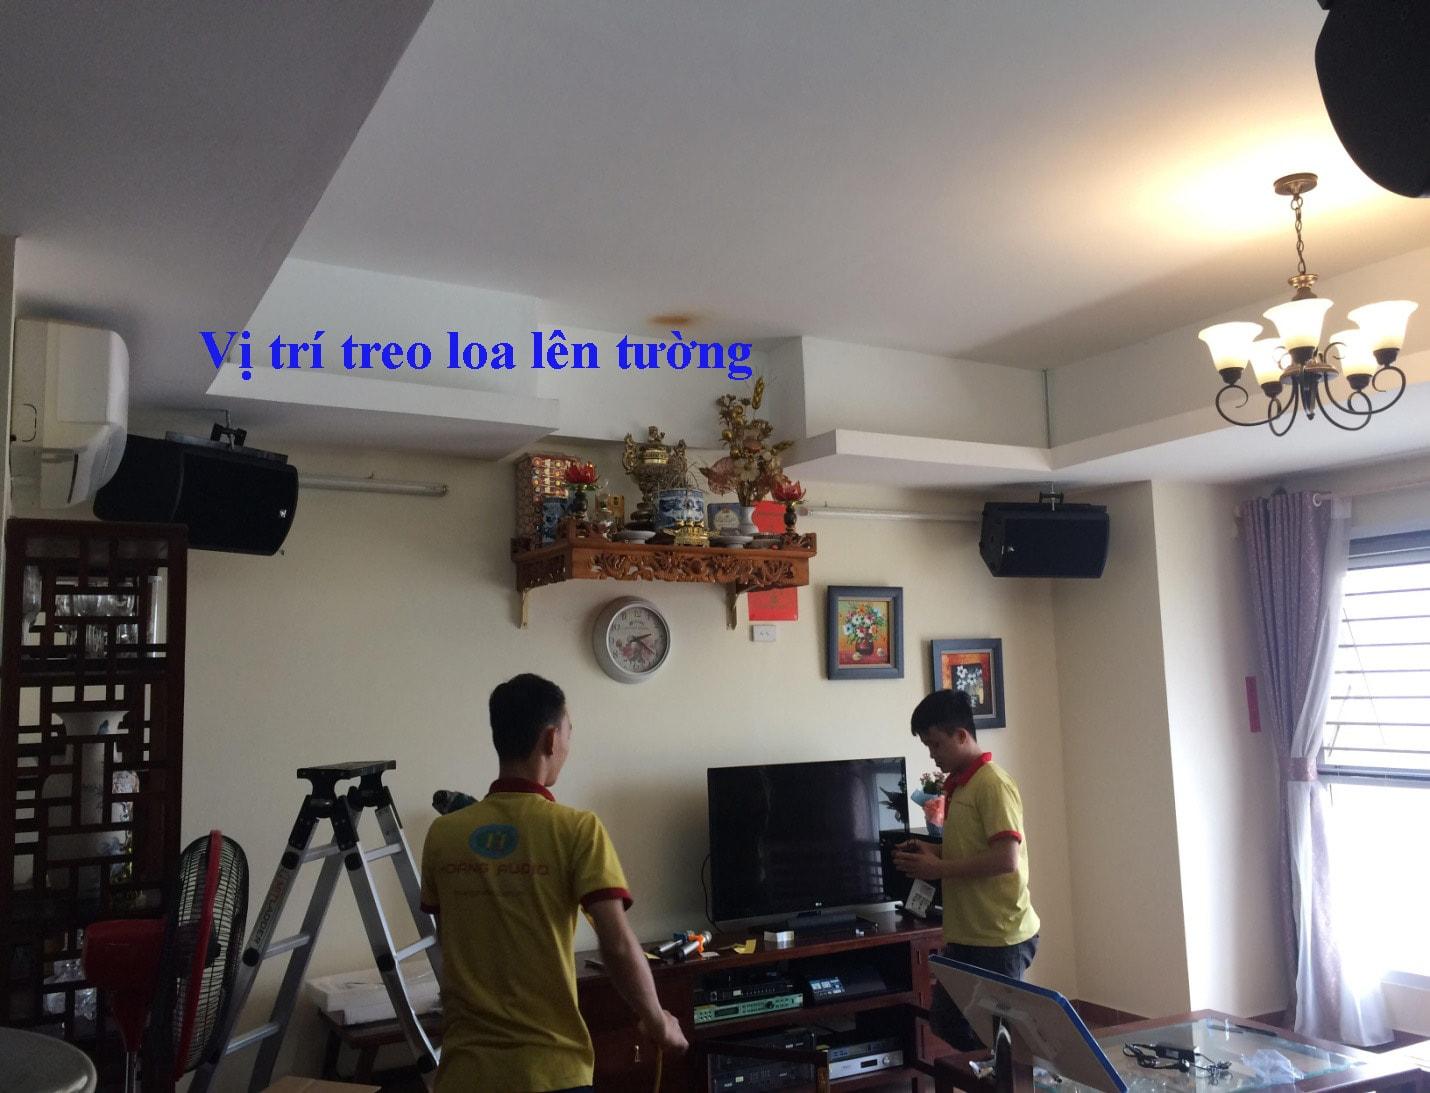 Vị trí lắp loa treo tường